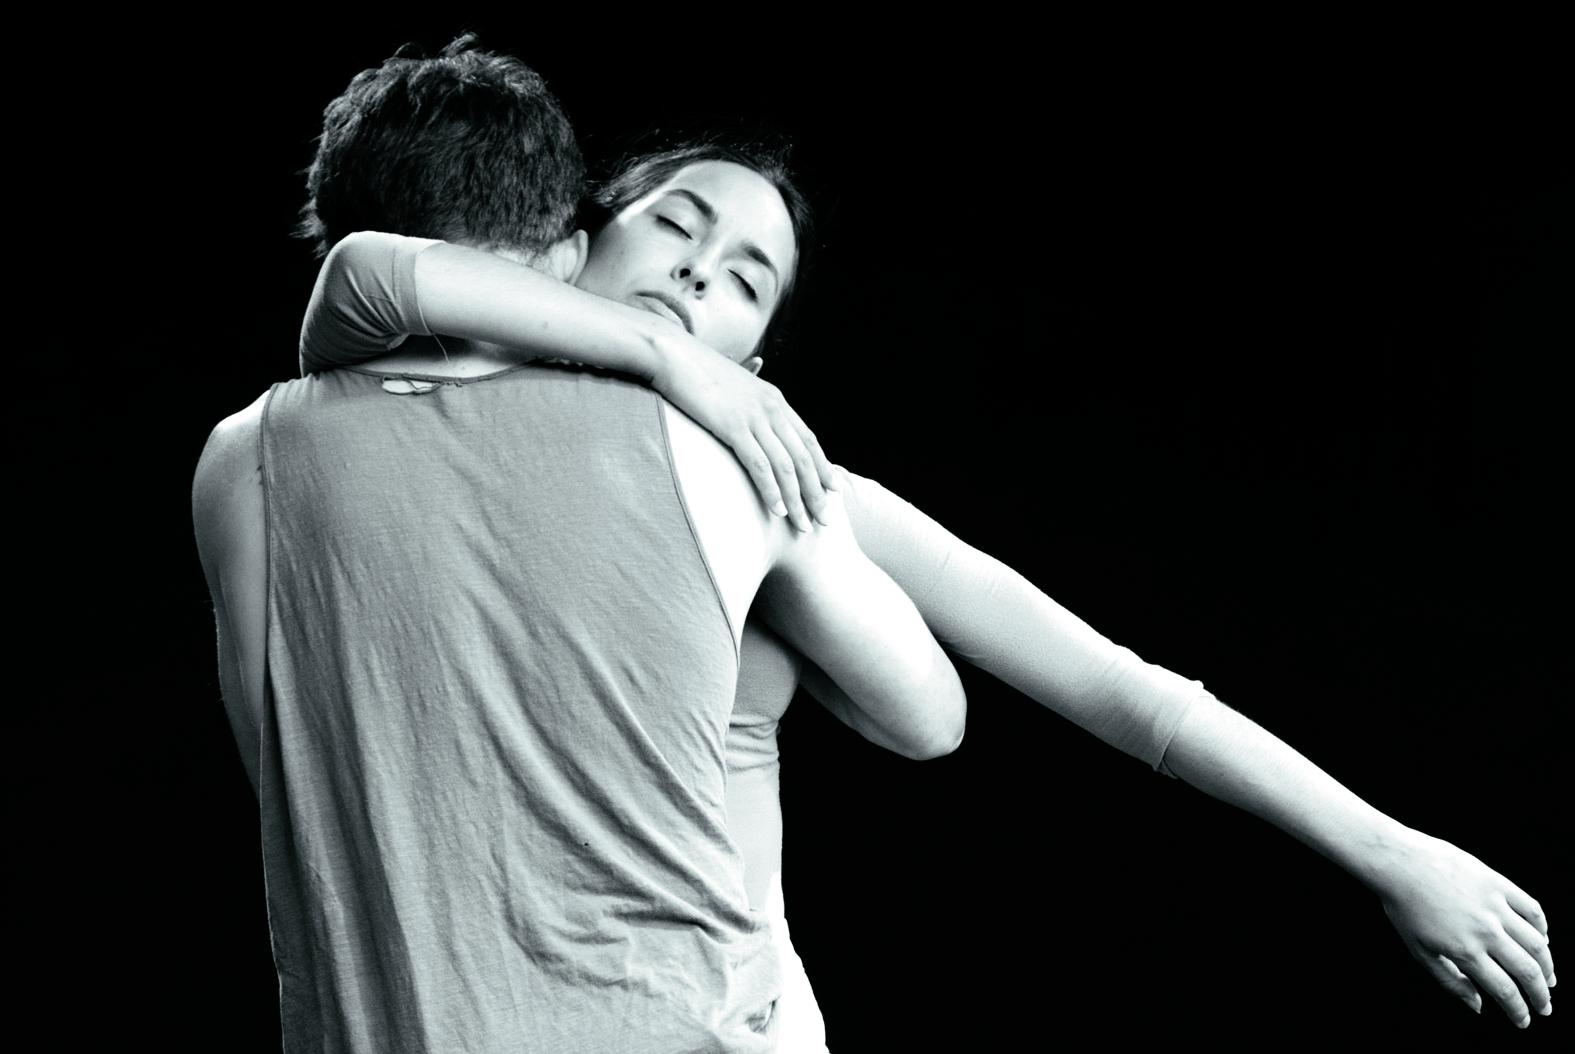 Dansers Marie Khatib-Shahidi and Youri Peters gaan volledig in elkaar op. (Foto: aangeleverd)